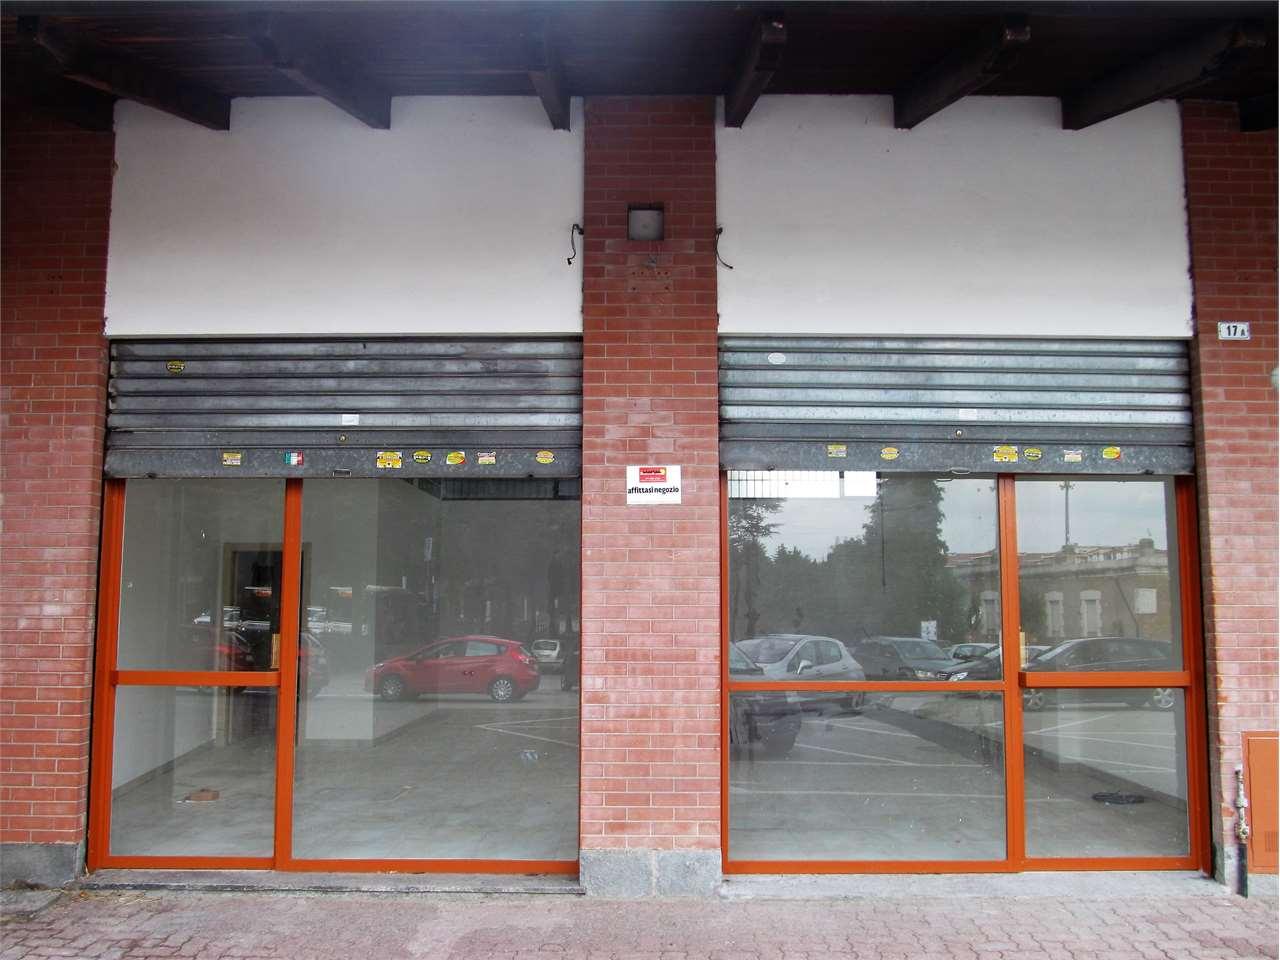 Negozio / Locale in affitto a Rivoli, 1 locali, zona Località: Centro, prezzo € 1.400 | Cambio Casa.it